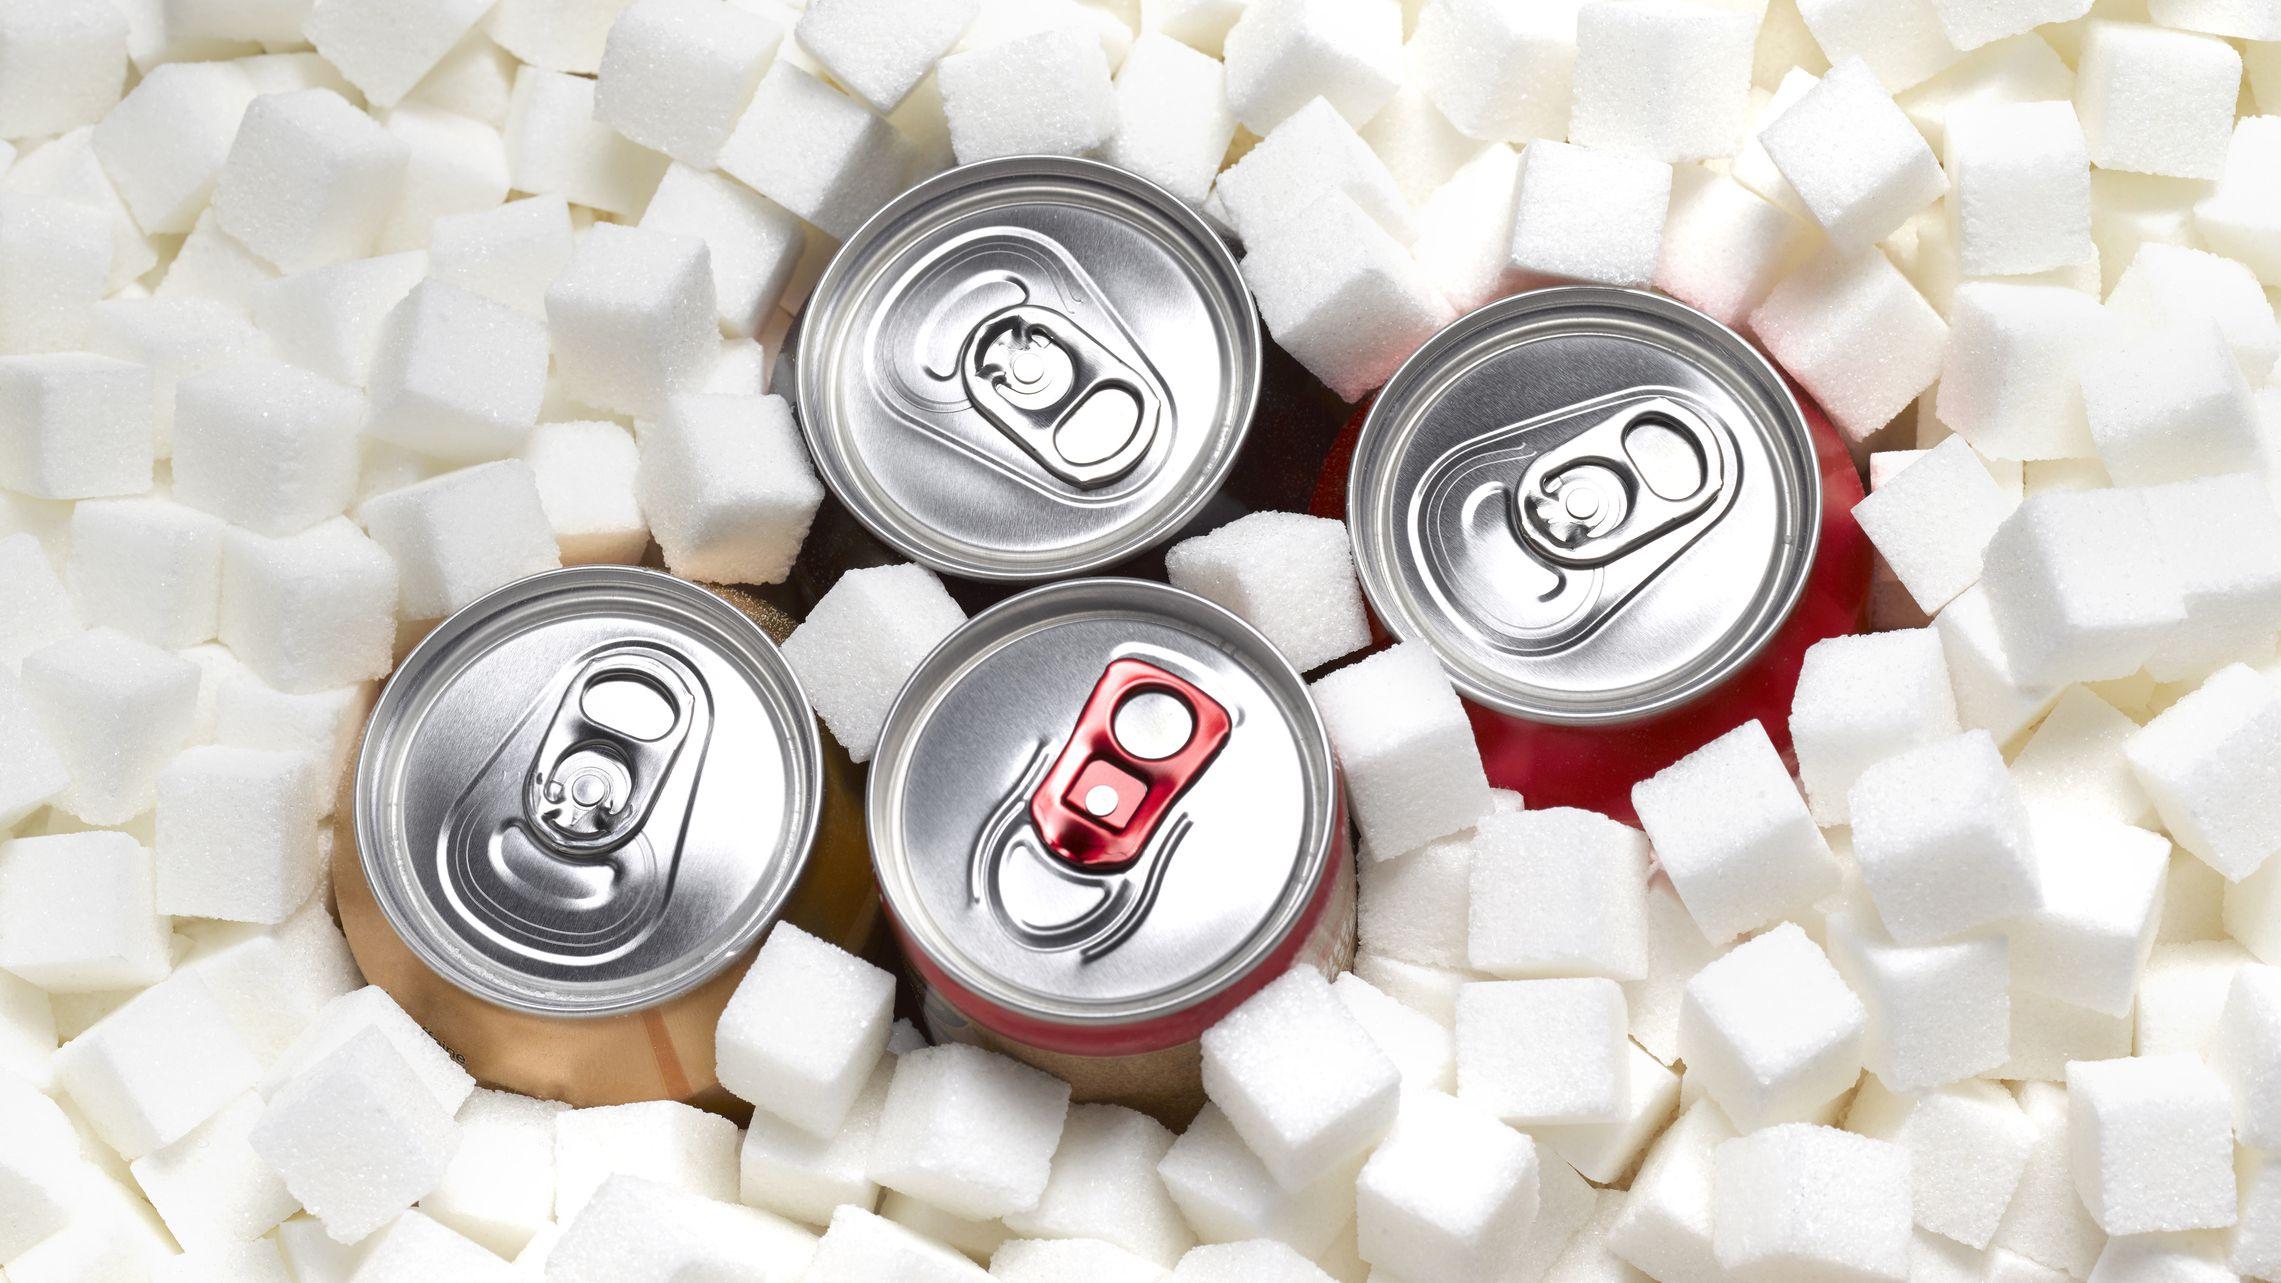 capri sun ingredientes aspartamo y diabetes